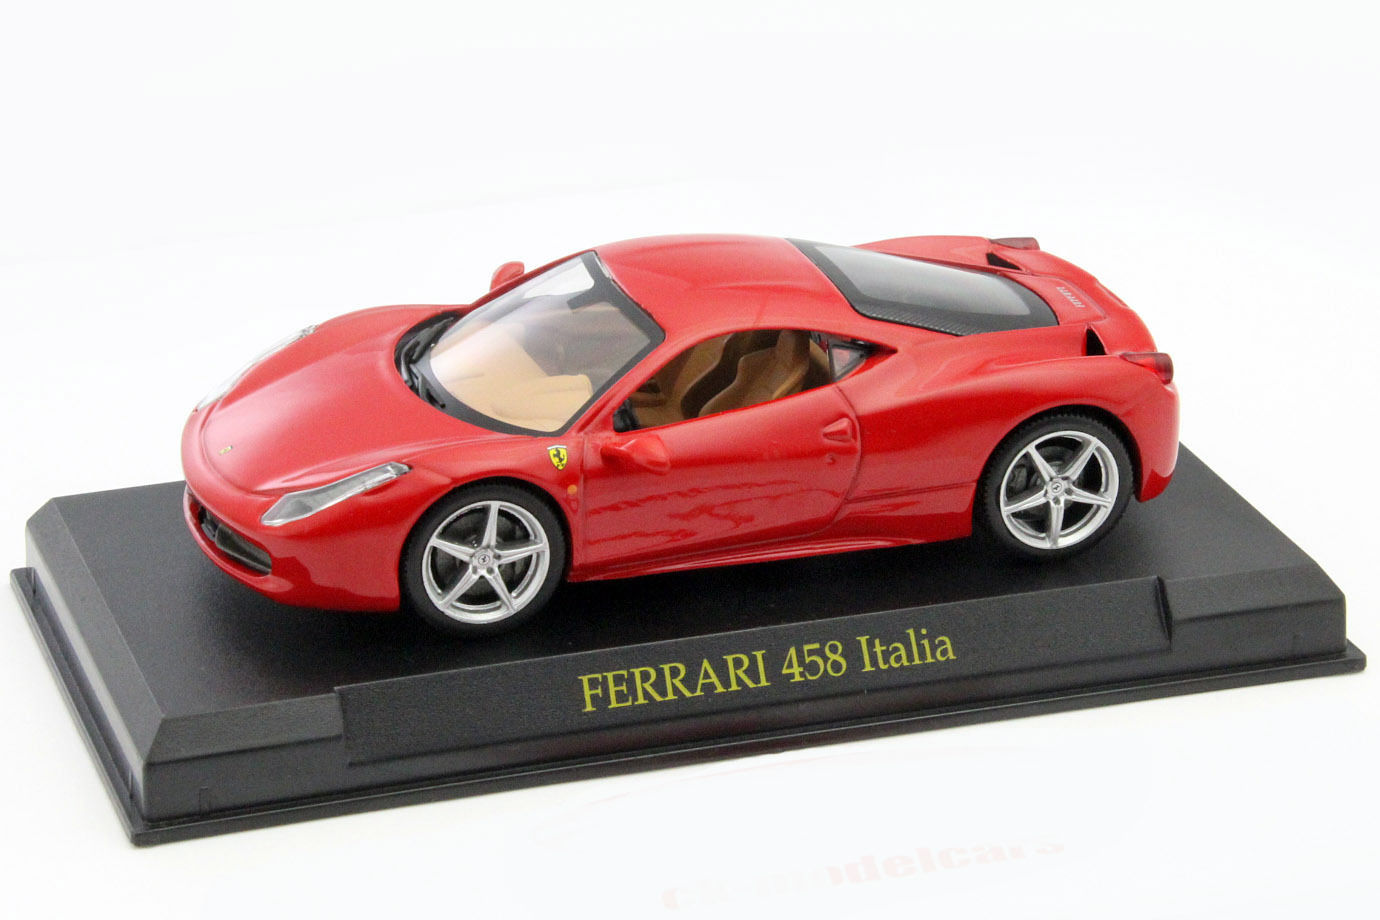 1/43 FERRARI 458 ITALIA